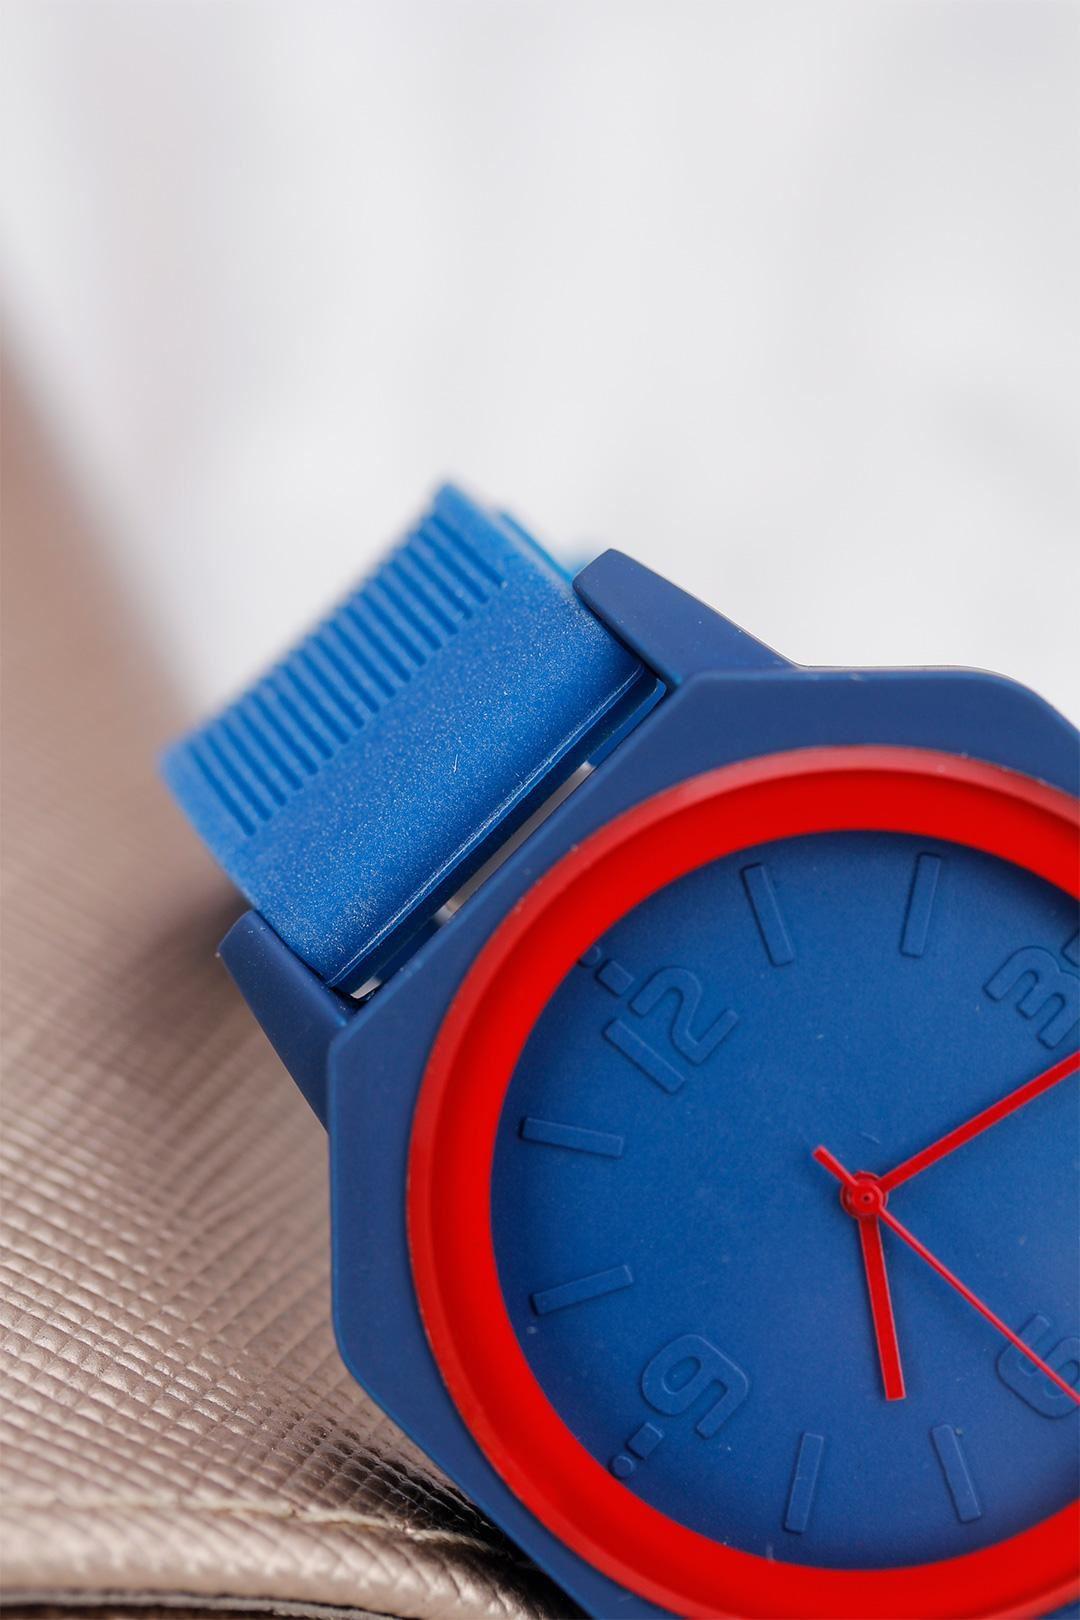 Lacivert Renk Kırmızı Detaylı Spor Kasa Tasarımlı Silikon Kordonlu Bayan Saat